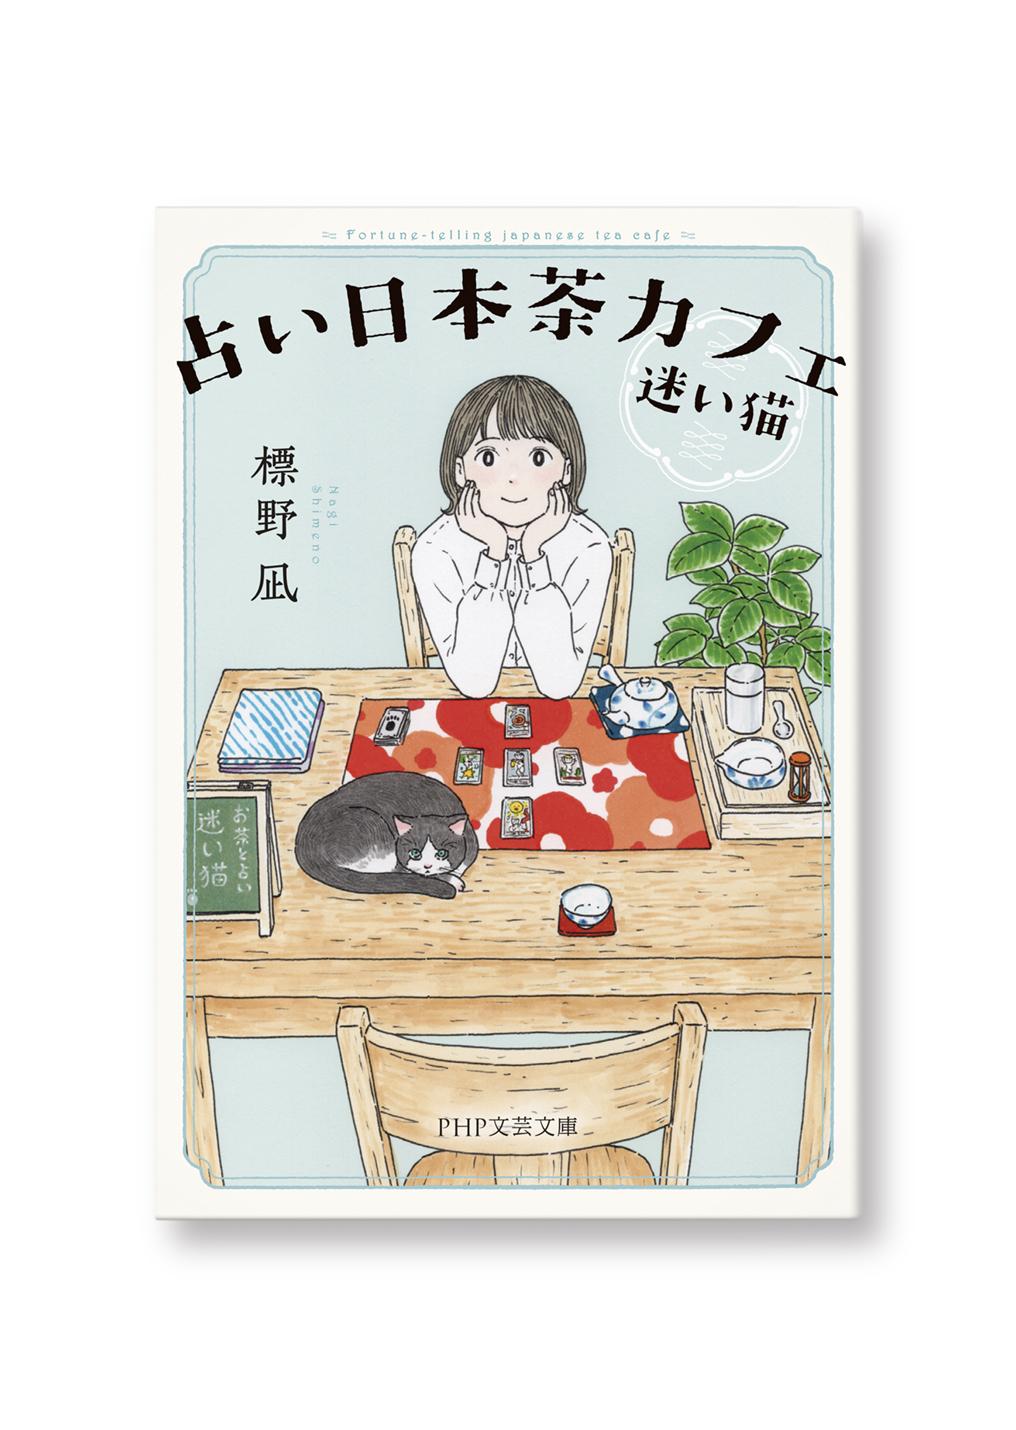 占い日本茶カフェ 迷い猫